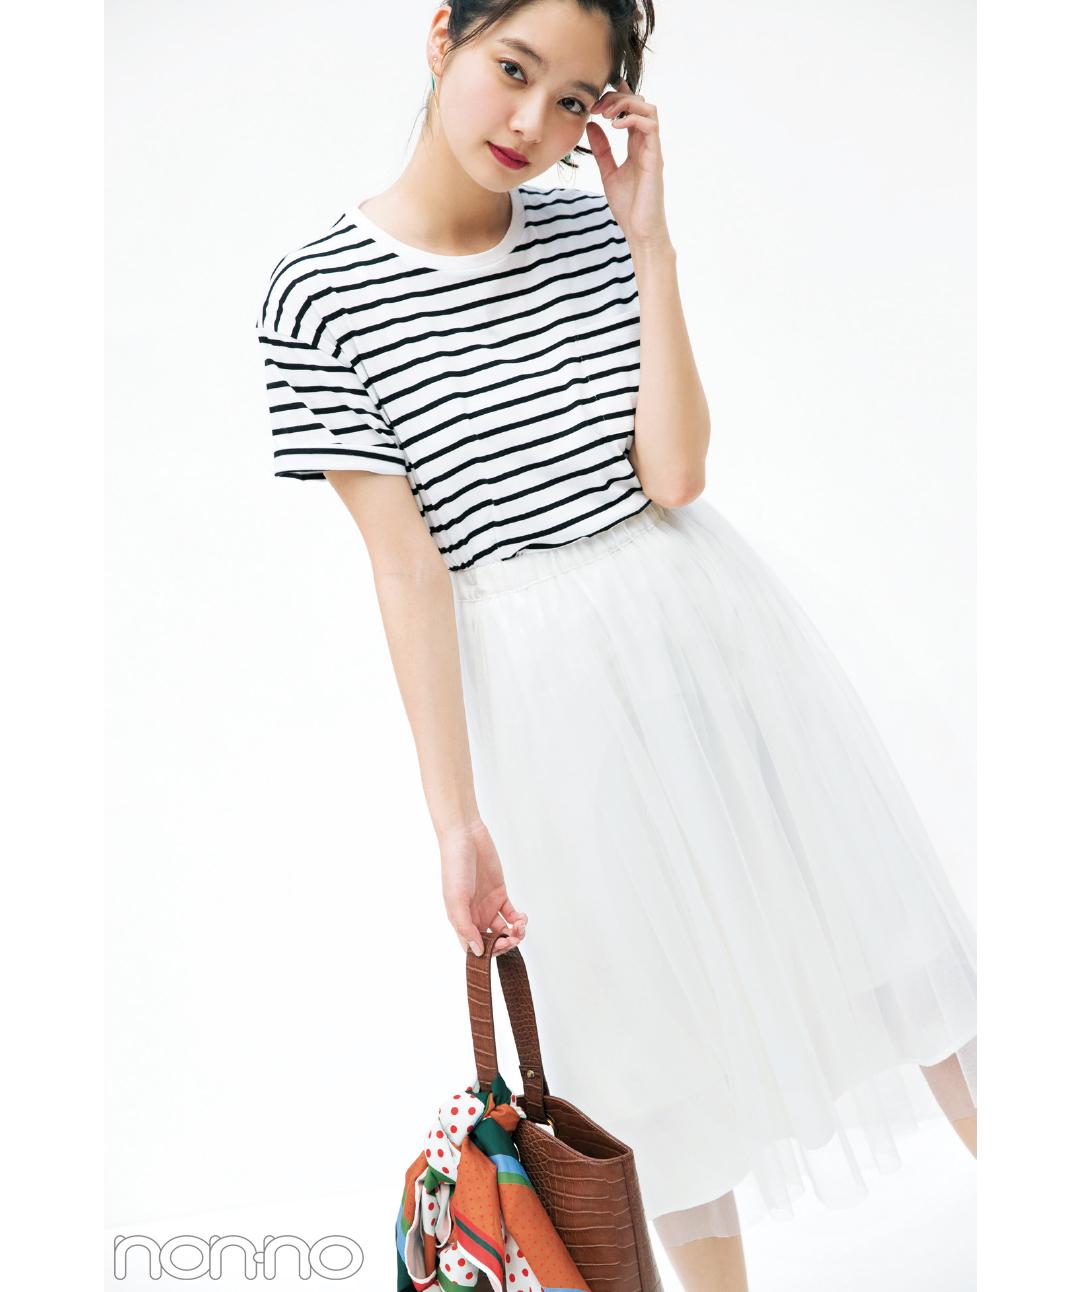 ボーダーTシャツなのに女っぽい! 新川優愛の着回しコーデ1×5_1_3-1